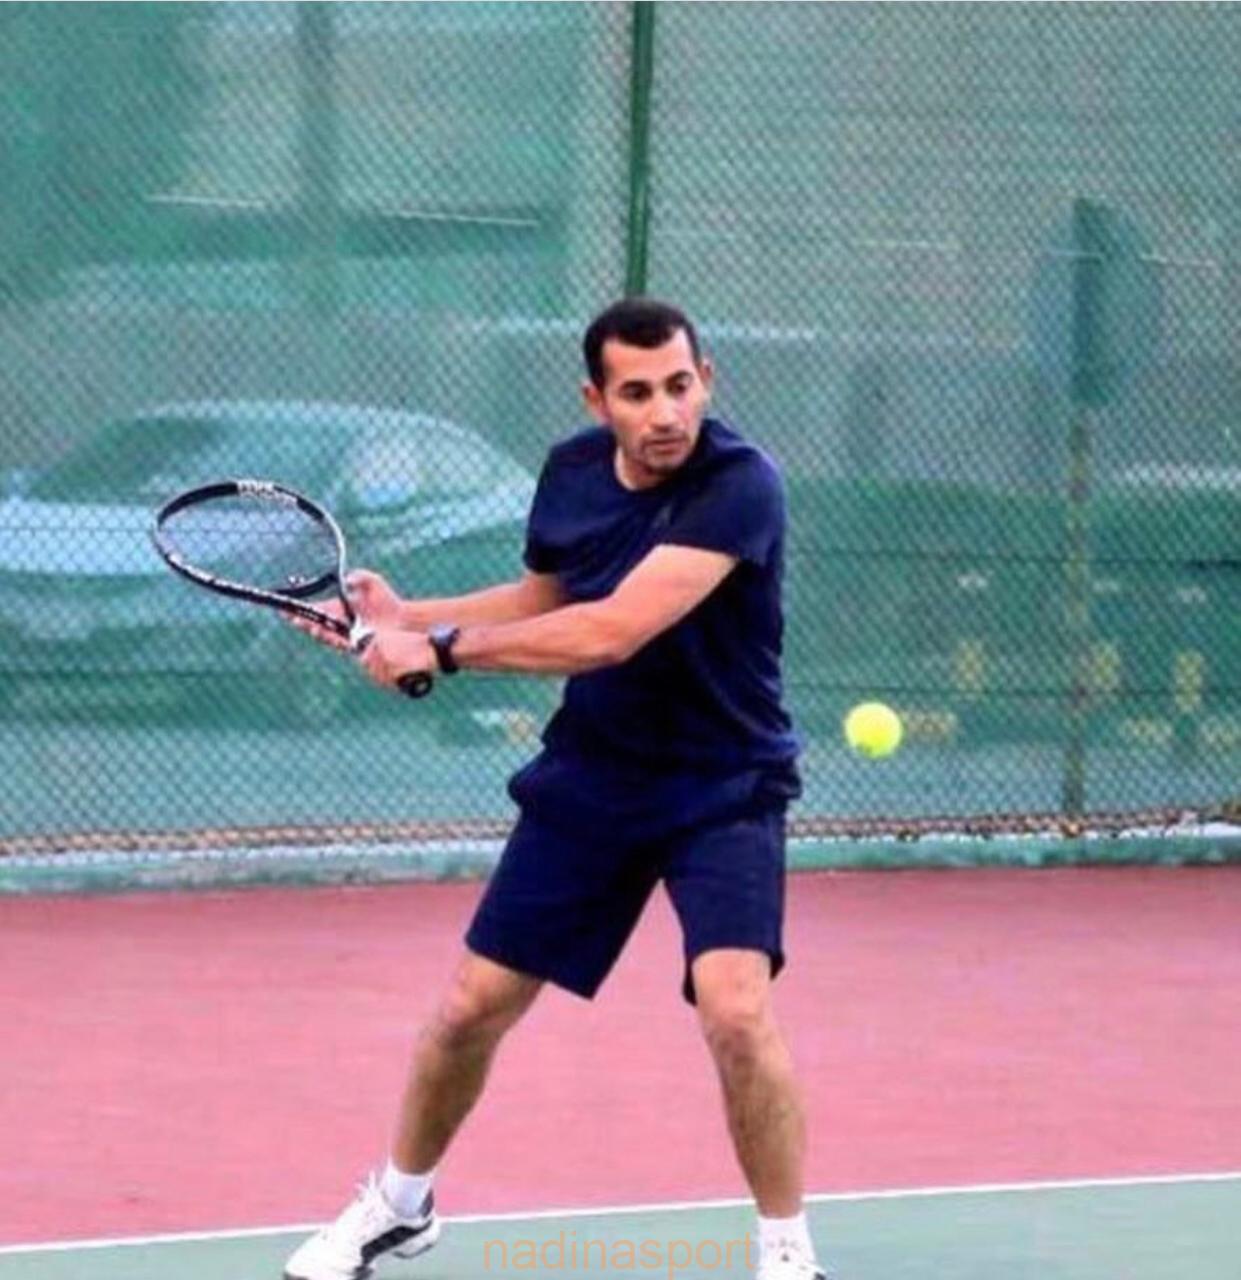 """المدرب""""الجزيري""""بطل رواد العرب لكرة التنس الارضي بالأردن"""